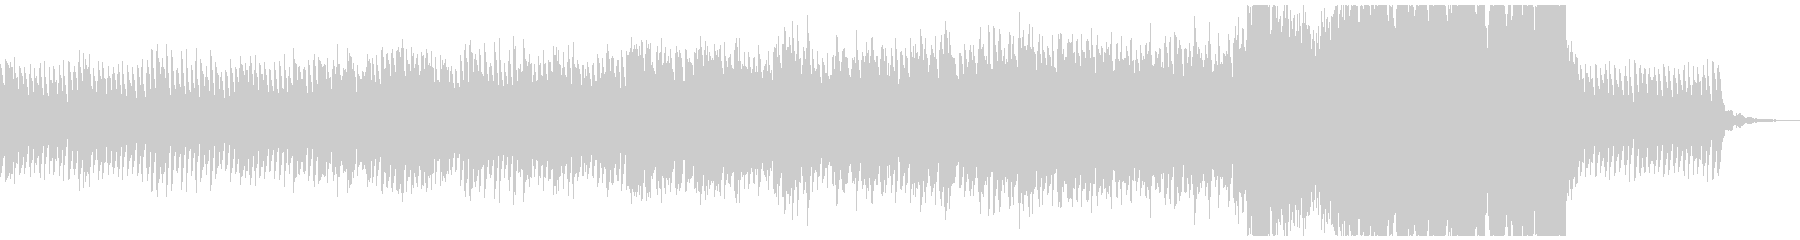 感動系オーケストラBGMの未再生の波形